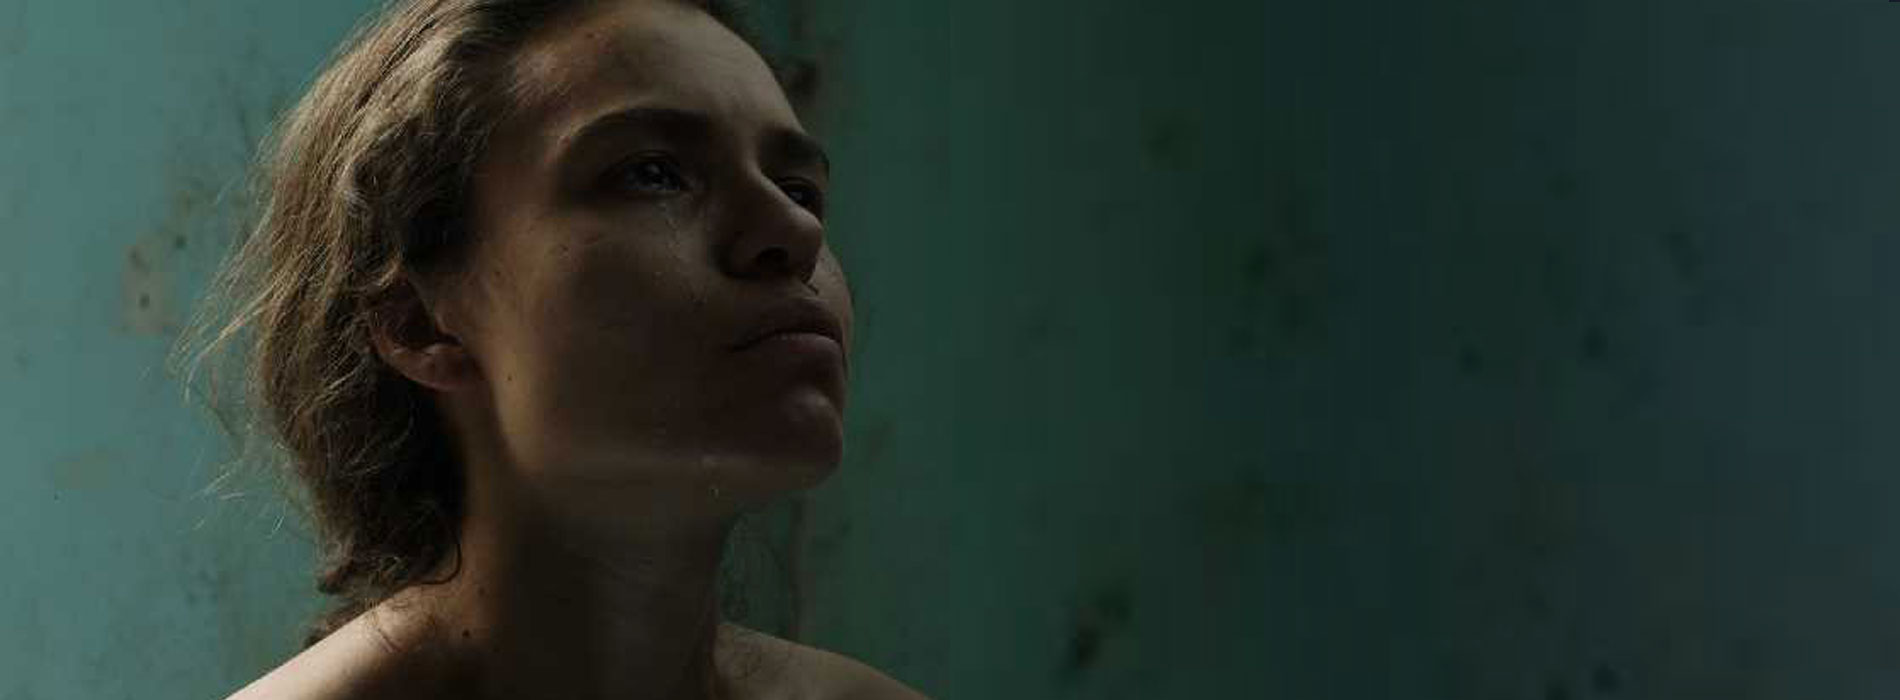 Protagonista película 'Oscuro animal' (2016)